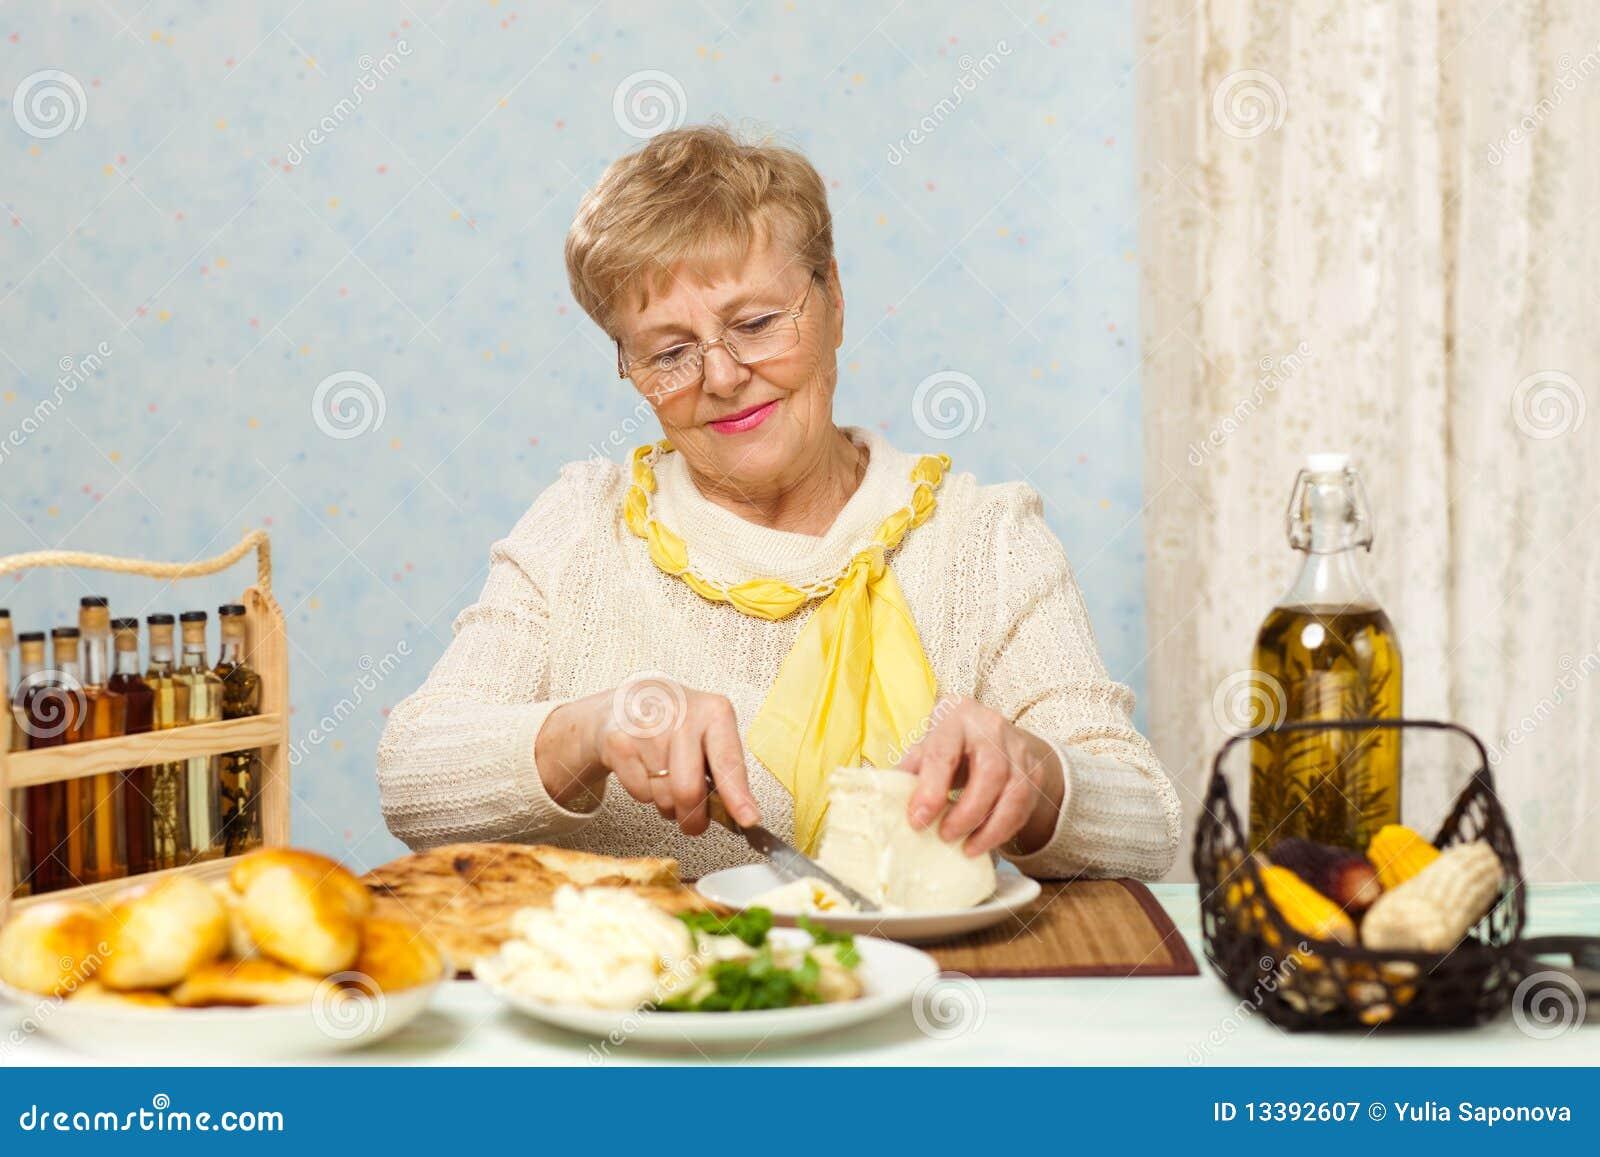 Фото пожилых женщин пол 14 фотография